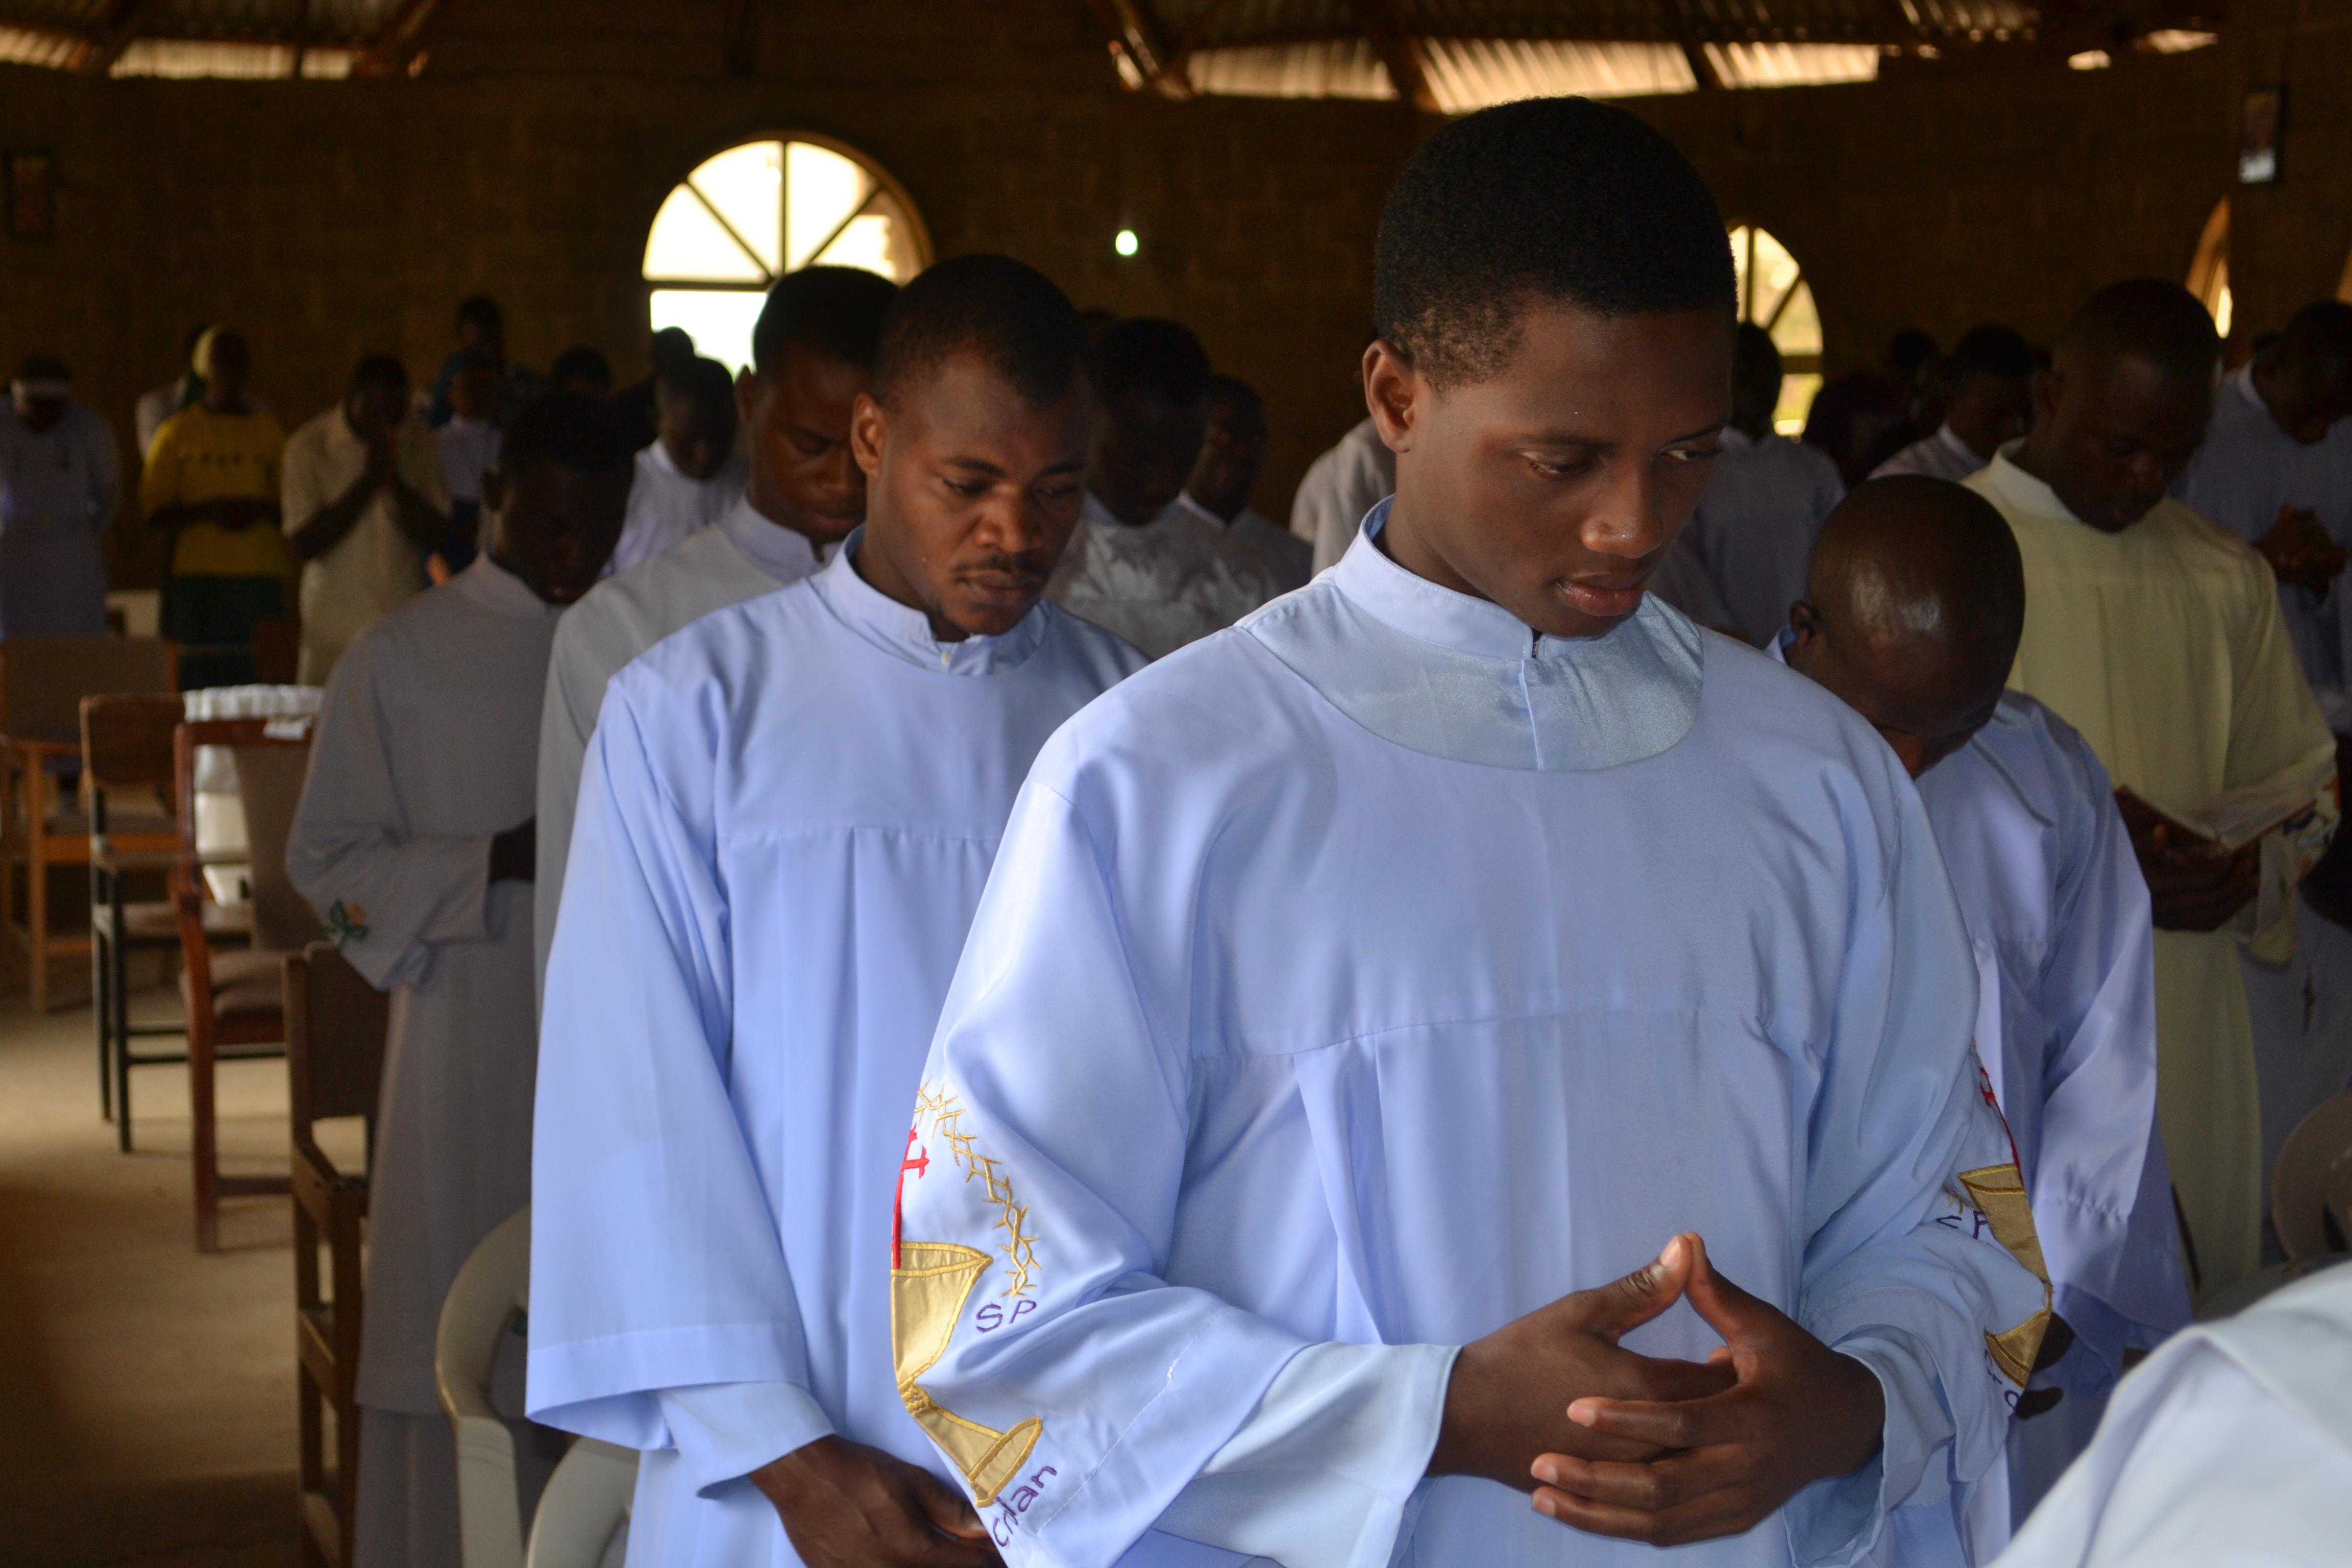 Proyecto: 57 seminaristas en Nigeria son apoyados por ACN